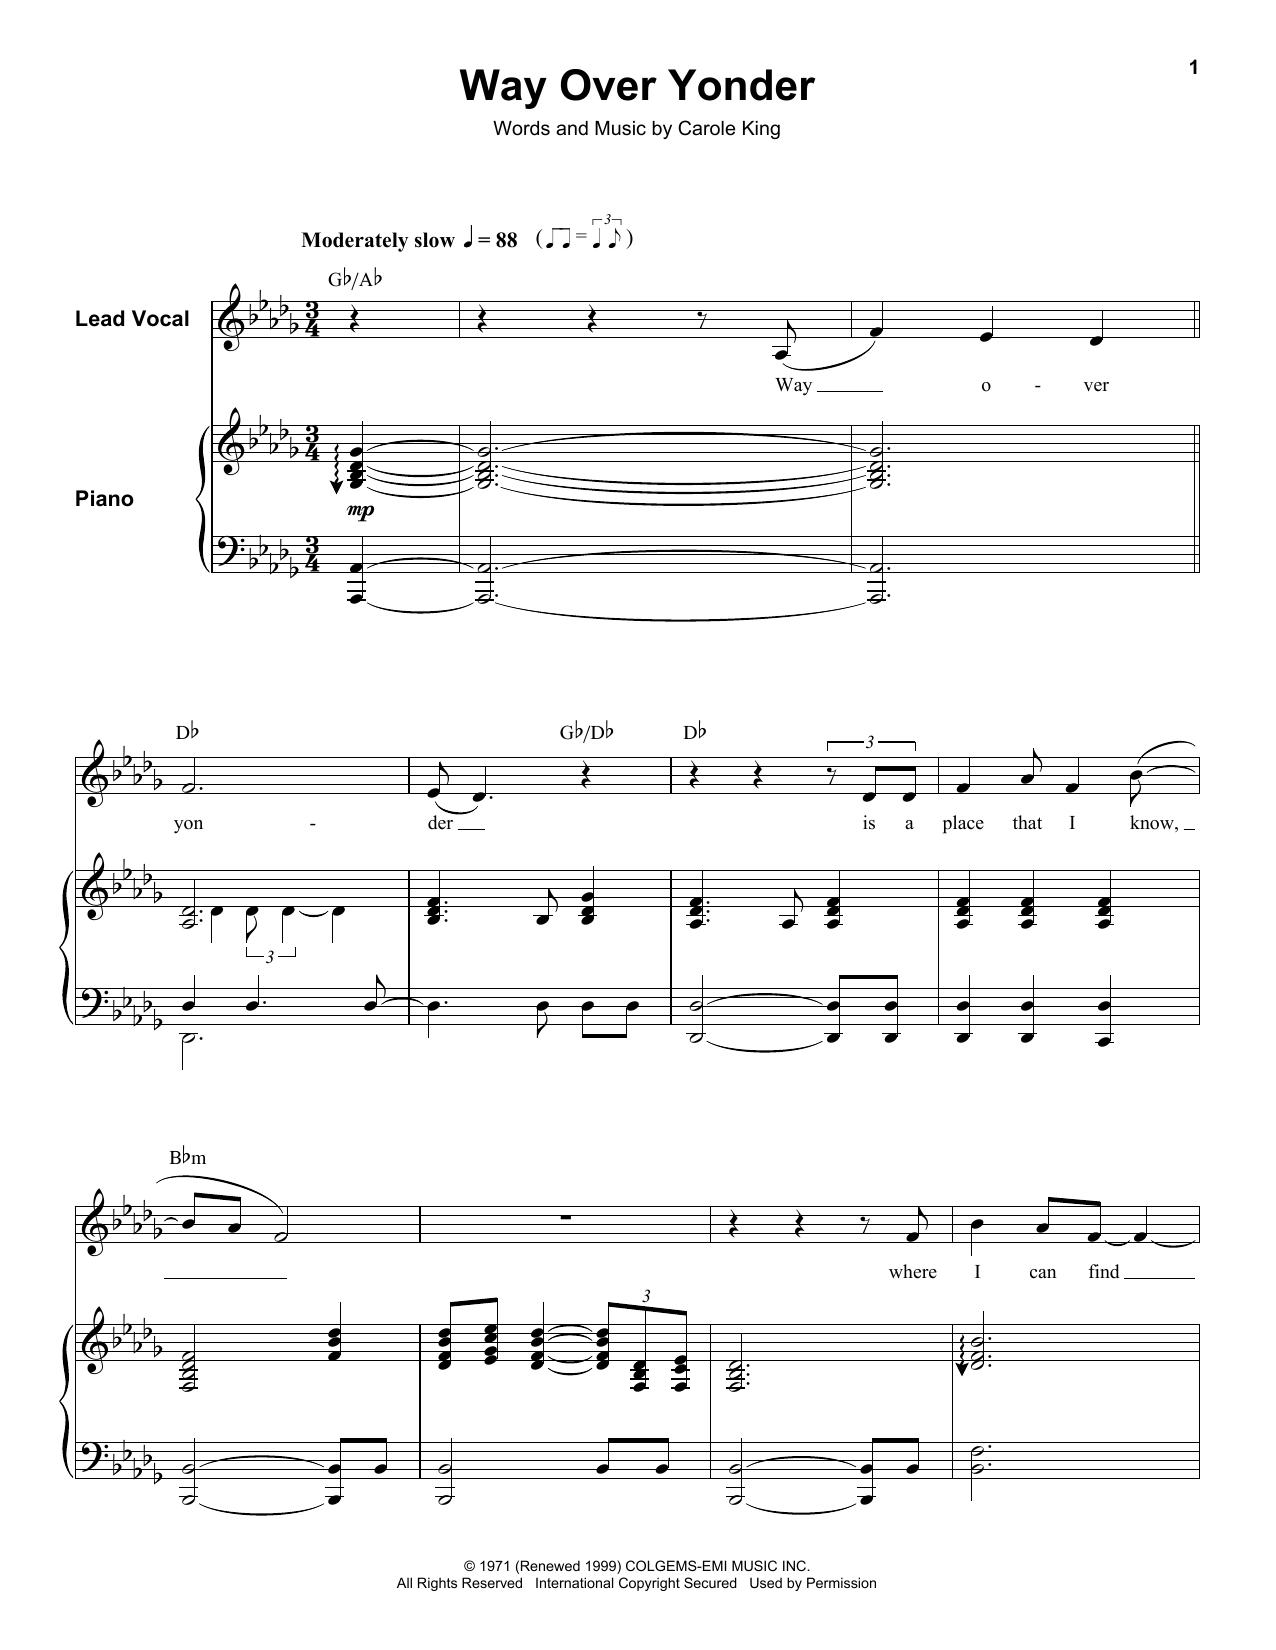 Way Over Yonder (Keyboard Transcription)